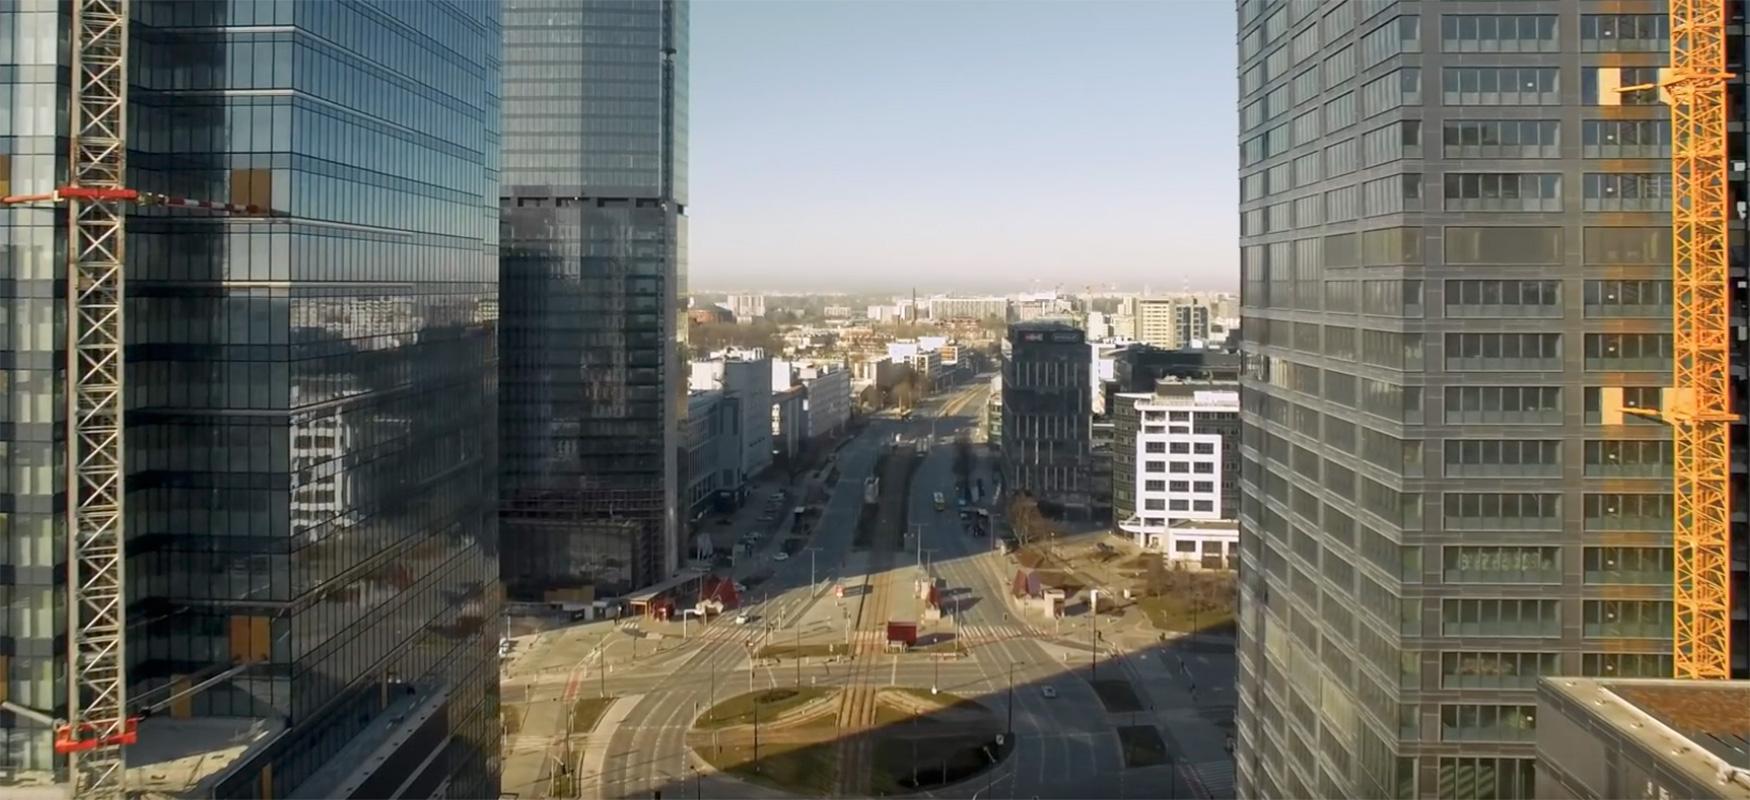 Varsovia Hutsak herri mamua dirudi.  Pole batek bideo-drone bat grabatu zuen epidemia batean